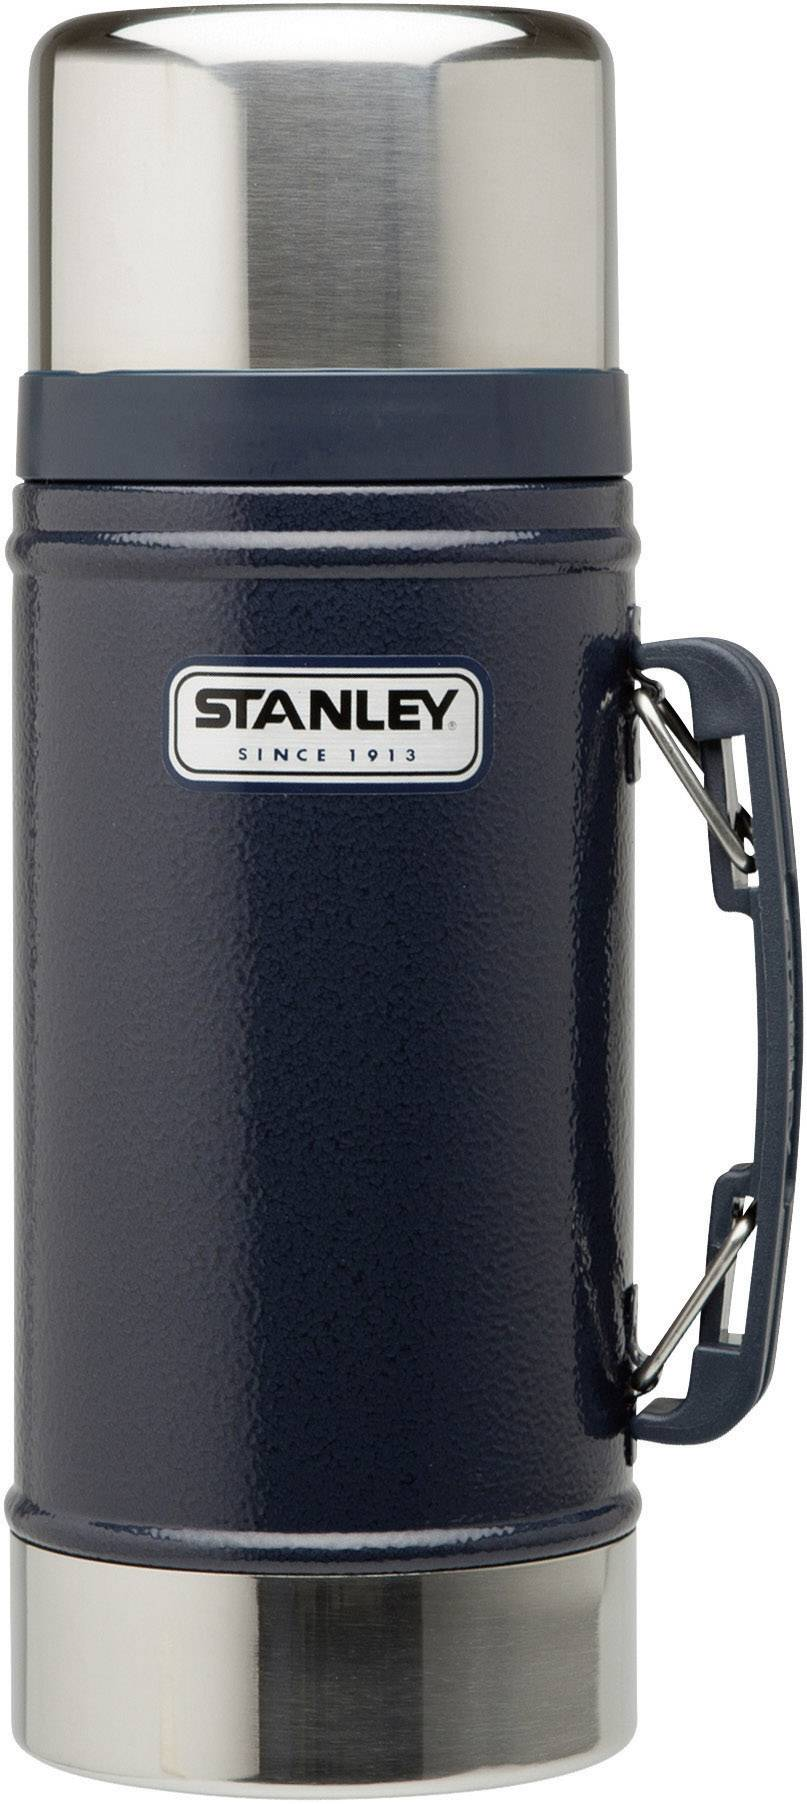 Kempingové nádoby na potraviny Stanley by Black & Decker Vakuum-Speisebehälter Classic 10-01229-015